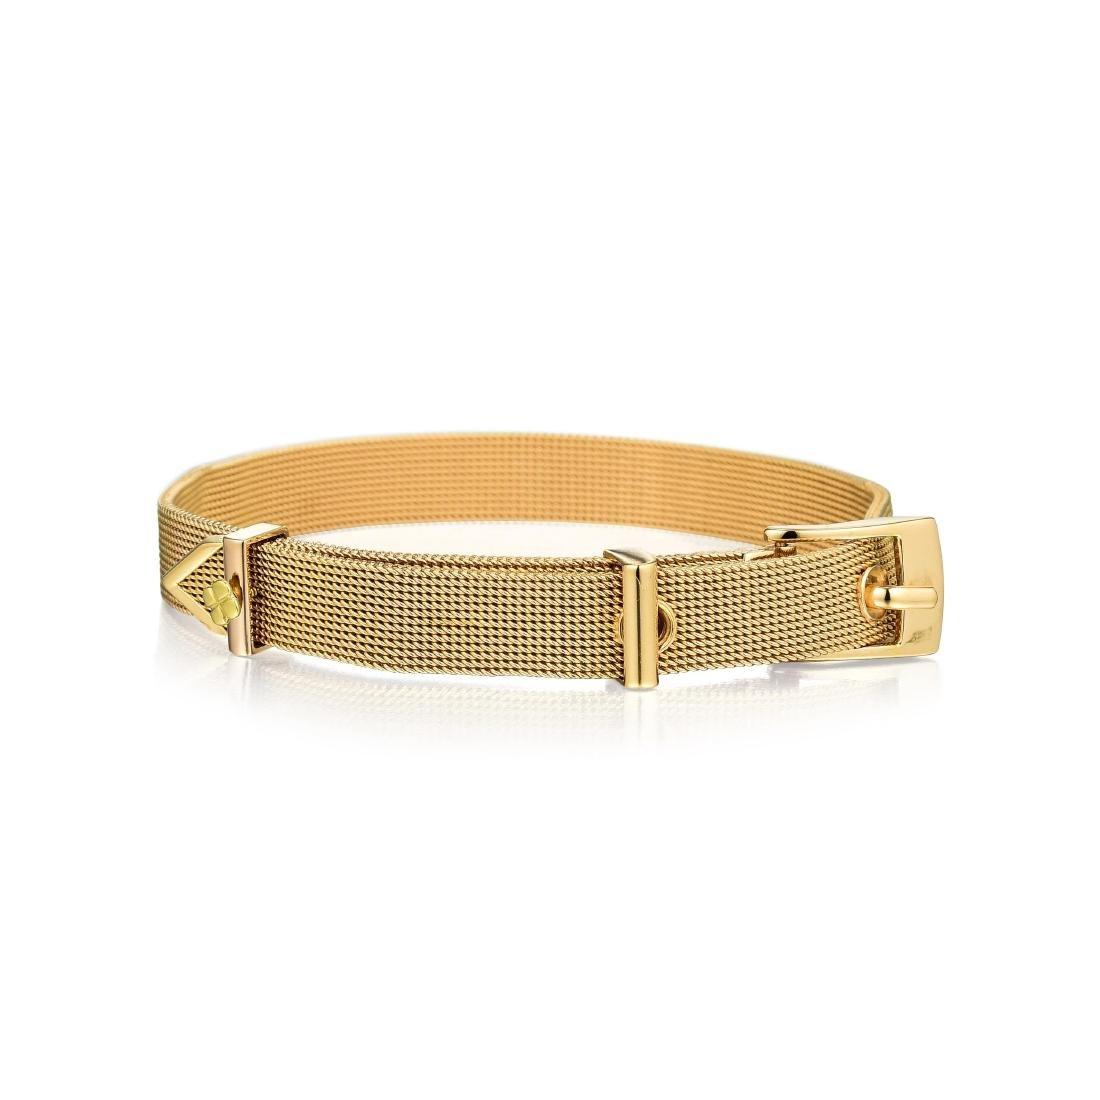 An 18K Gold Buckle Bracelet